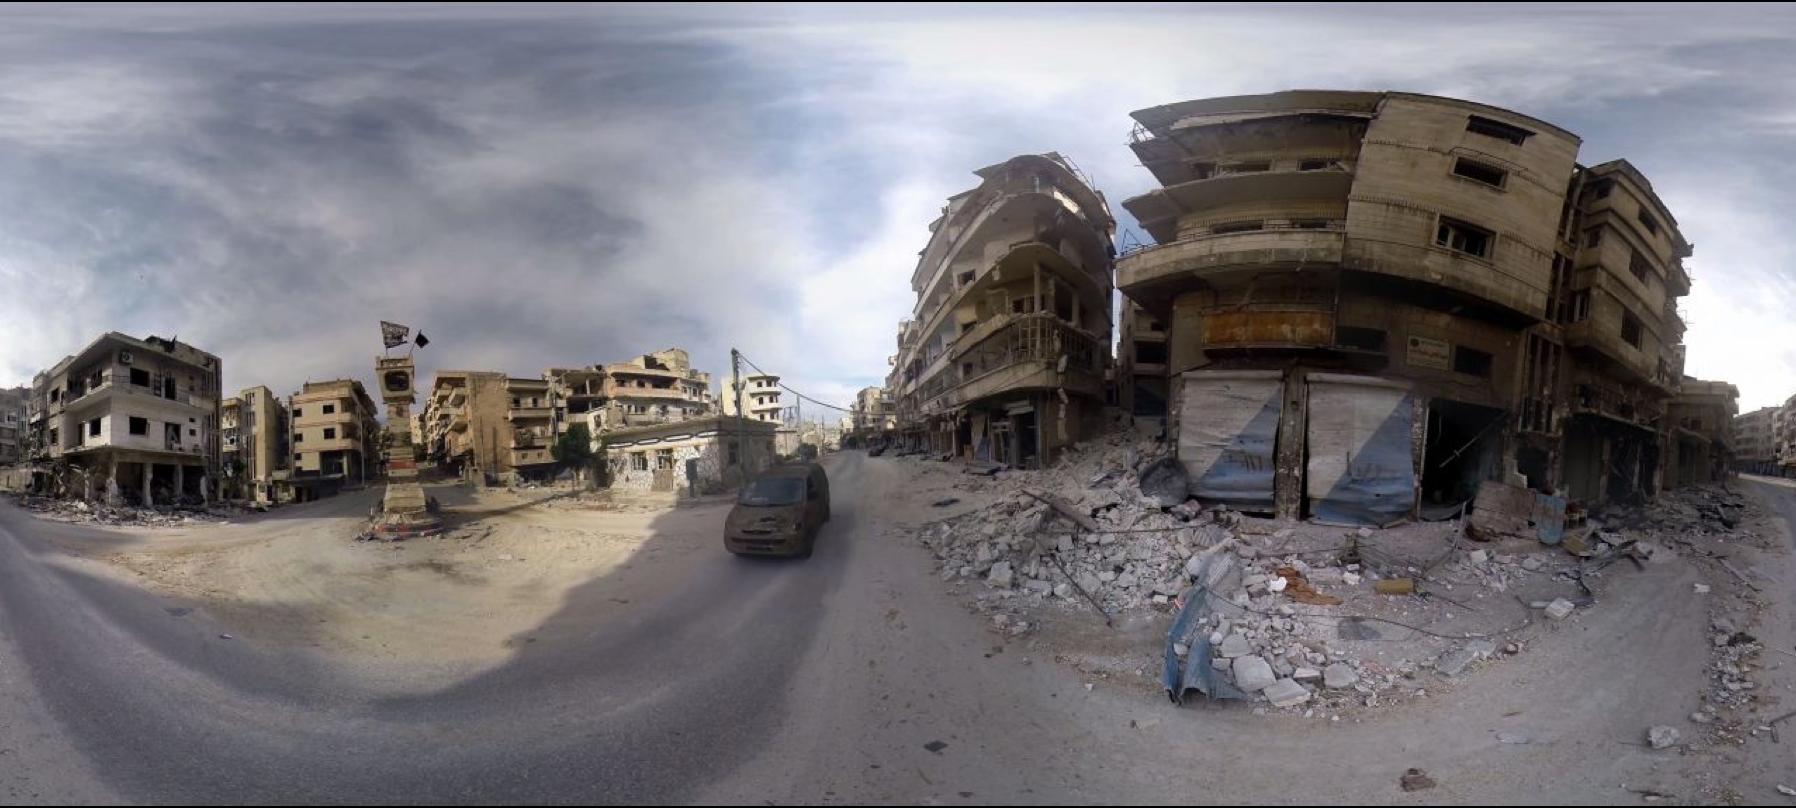 L'agence Okio a réalisé ce reportage dans une veille syrienne dévastée (diffusion: Le Parisien)